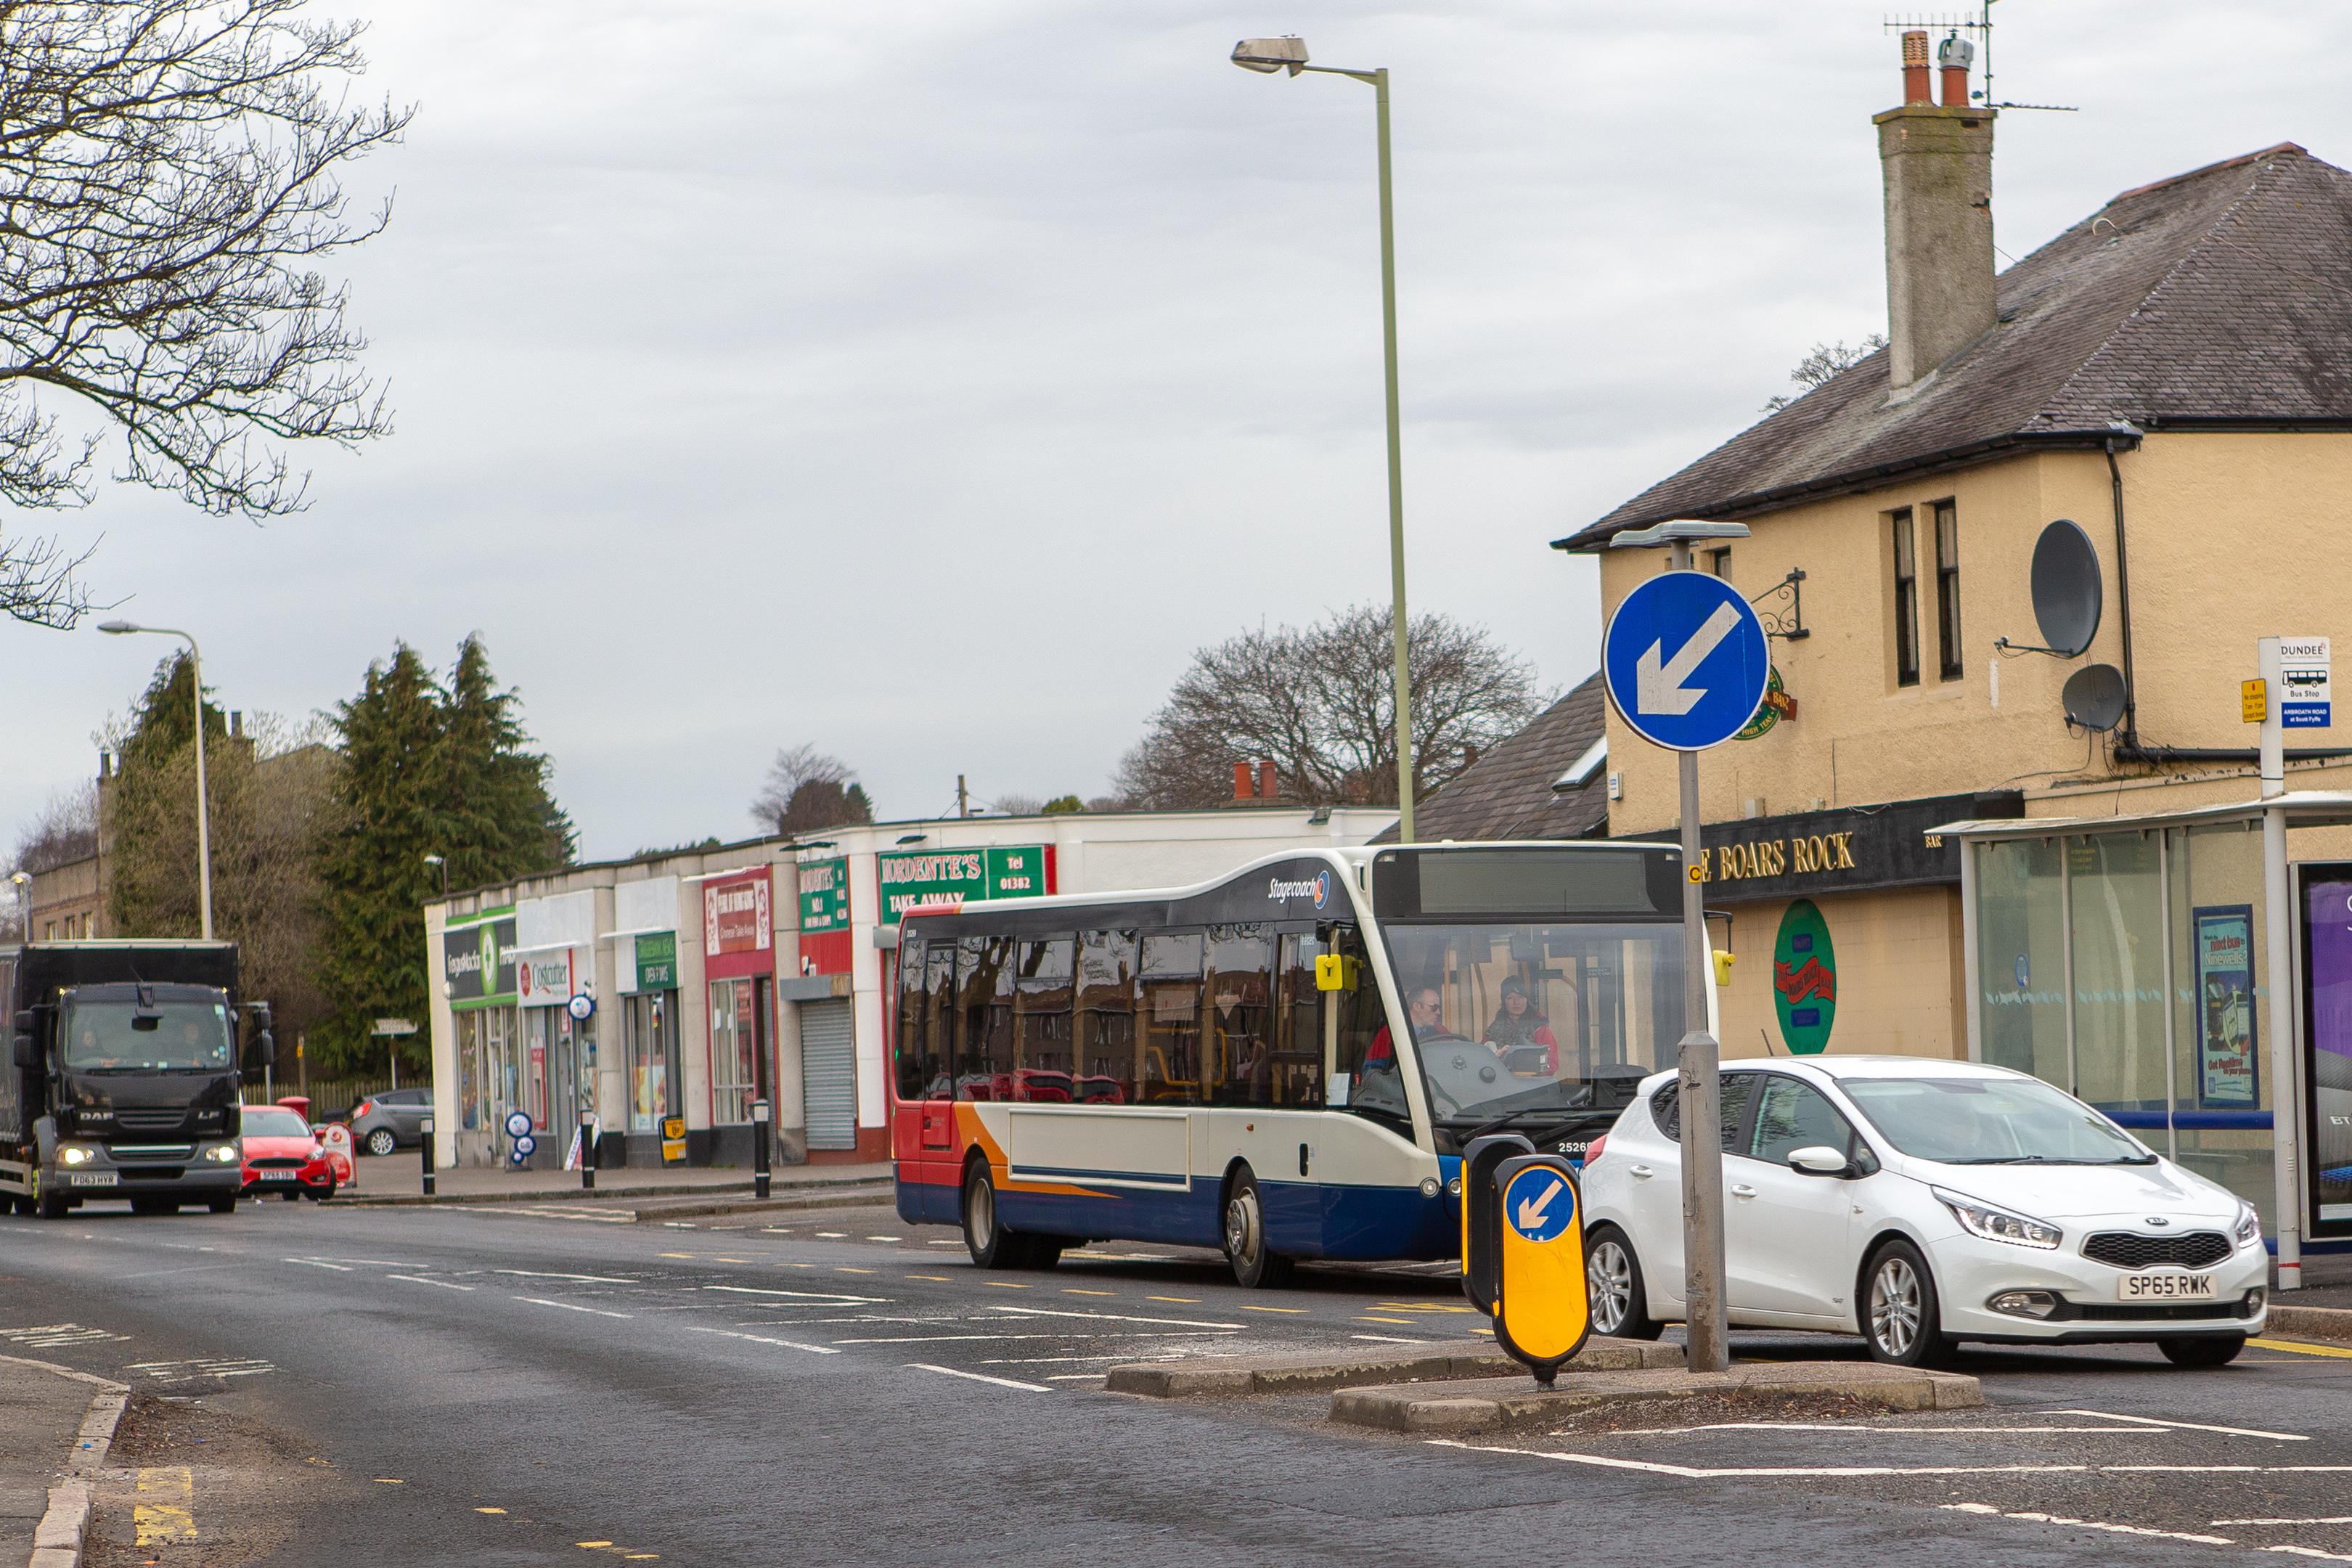 The bus stop on Arbroath Roa,d near Boar's Rock